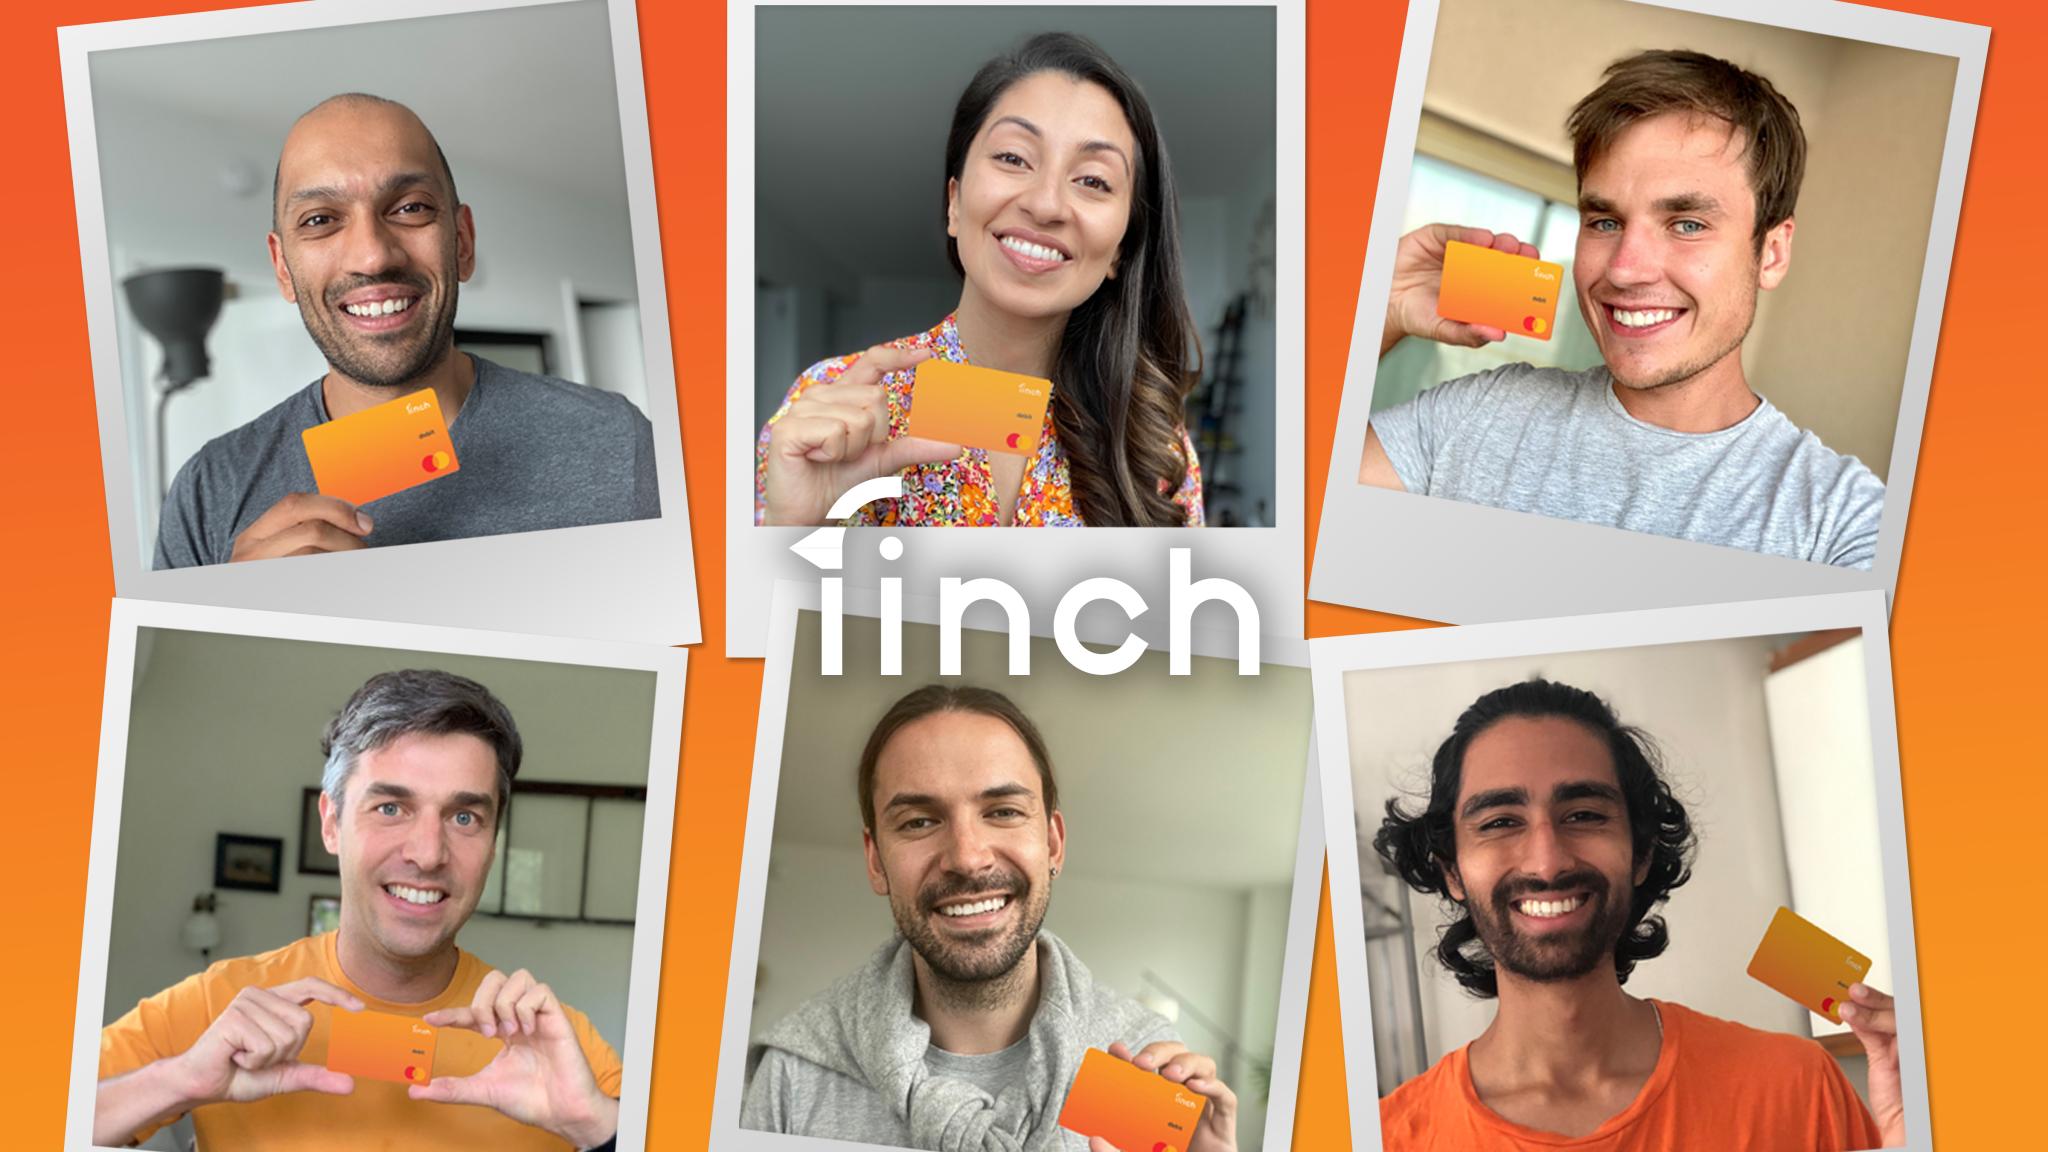 Finch team